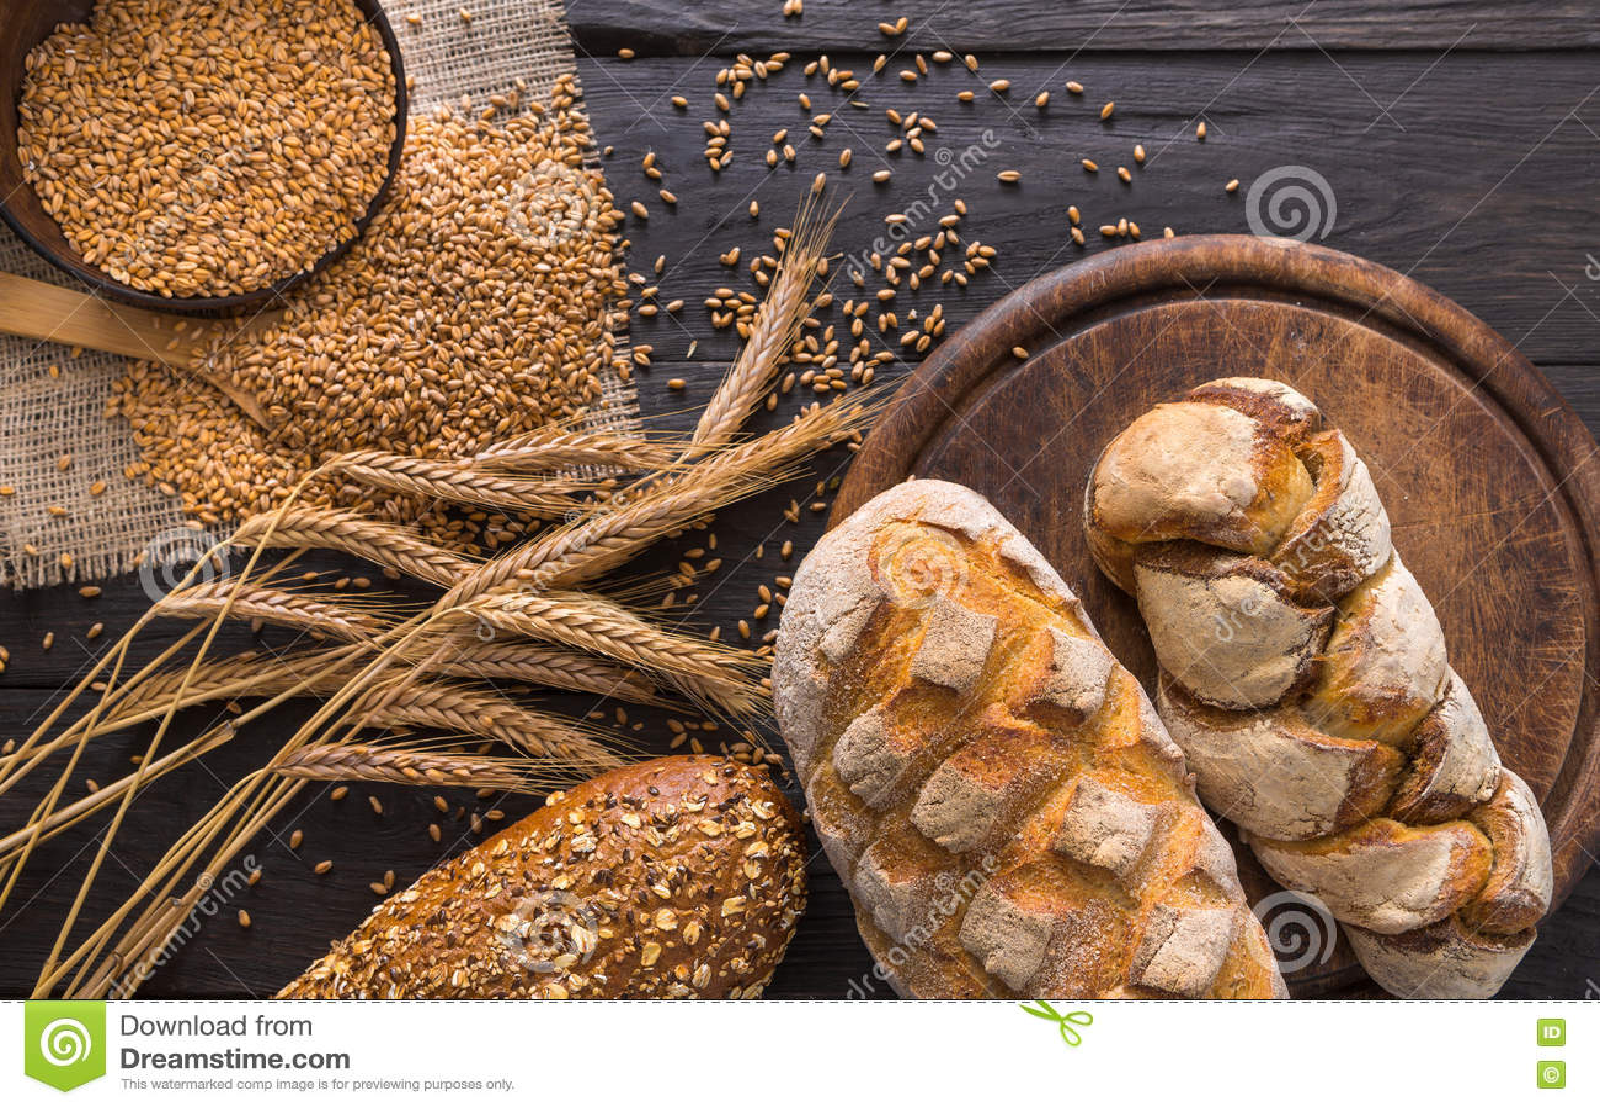 面包面包店背景 布朗和白色麦子五谷大面包构成